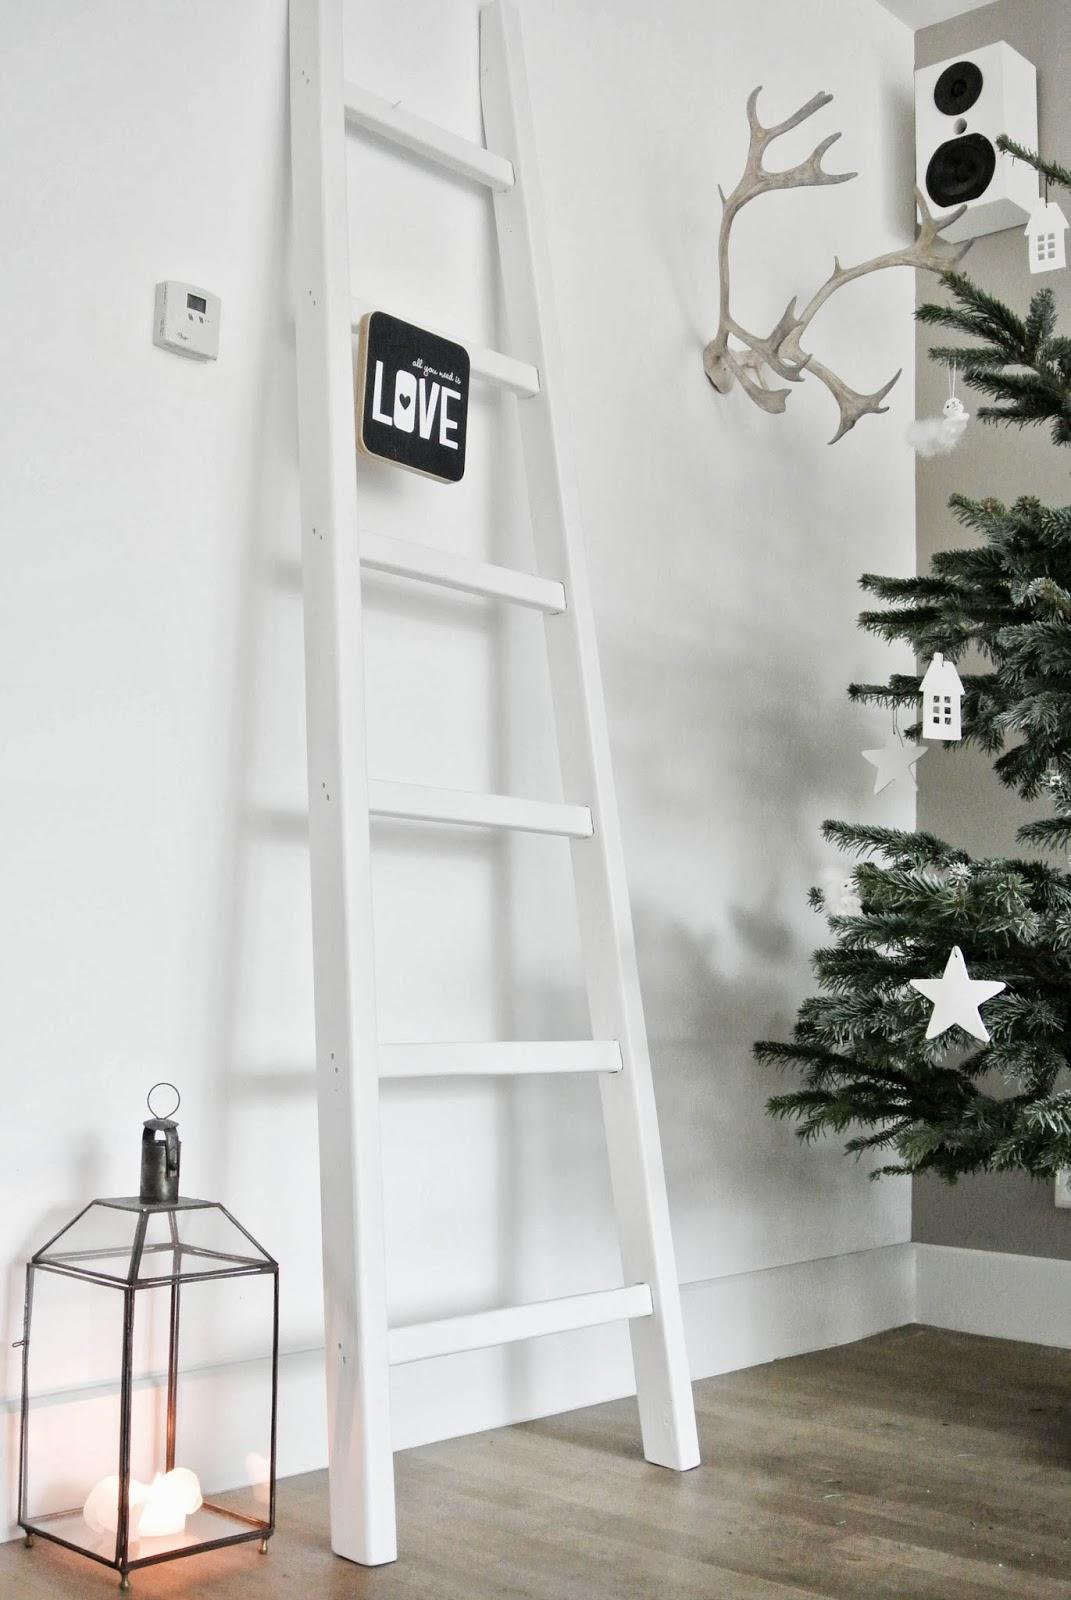 Full Size of Wohnzimmer Dekorieren Weihnachtlich Wohnkonfetti Teppich Bilder Xxl Großes Bild Gardinen Für Wohnwand Deckenleuchten Vitrine Weiß Stehlampe Deko Tischlampe Wohnzimmer Wohnzimmer Dekorieren